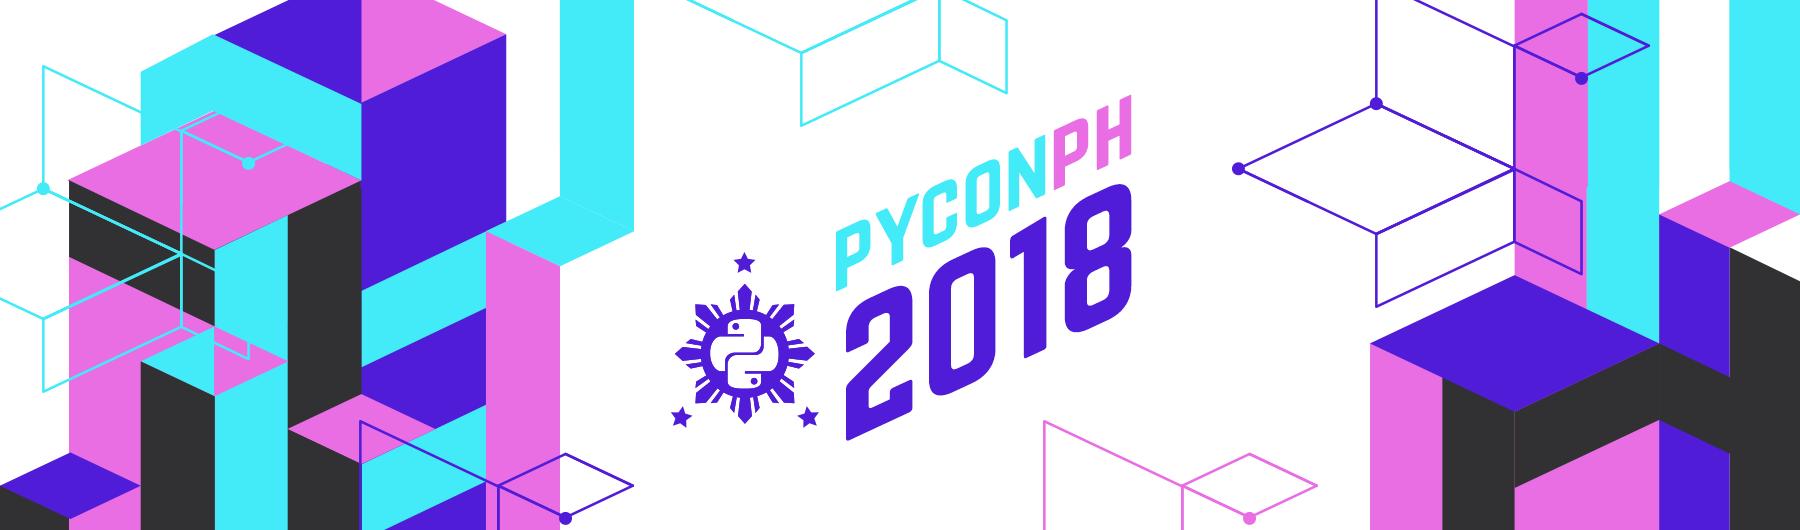 PyCon Philippines 2018